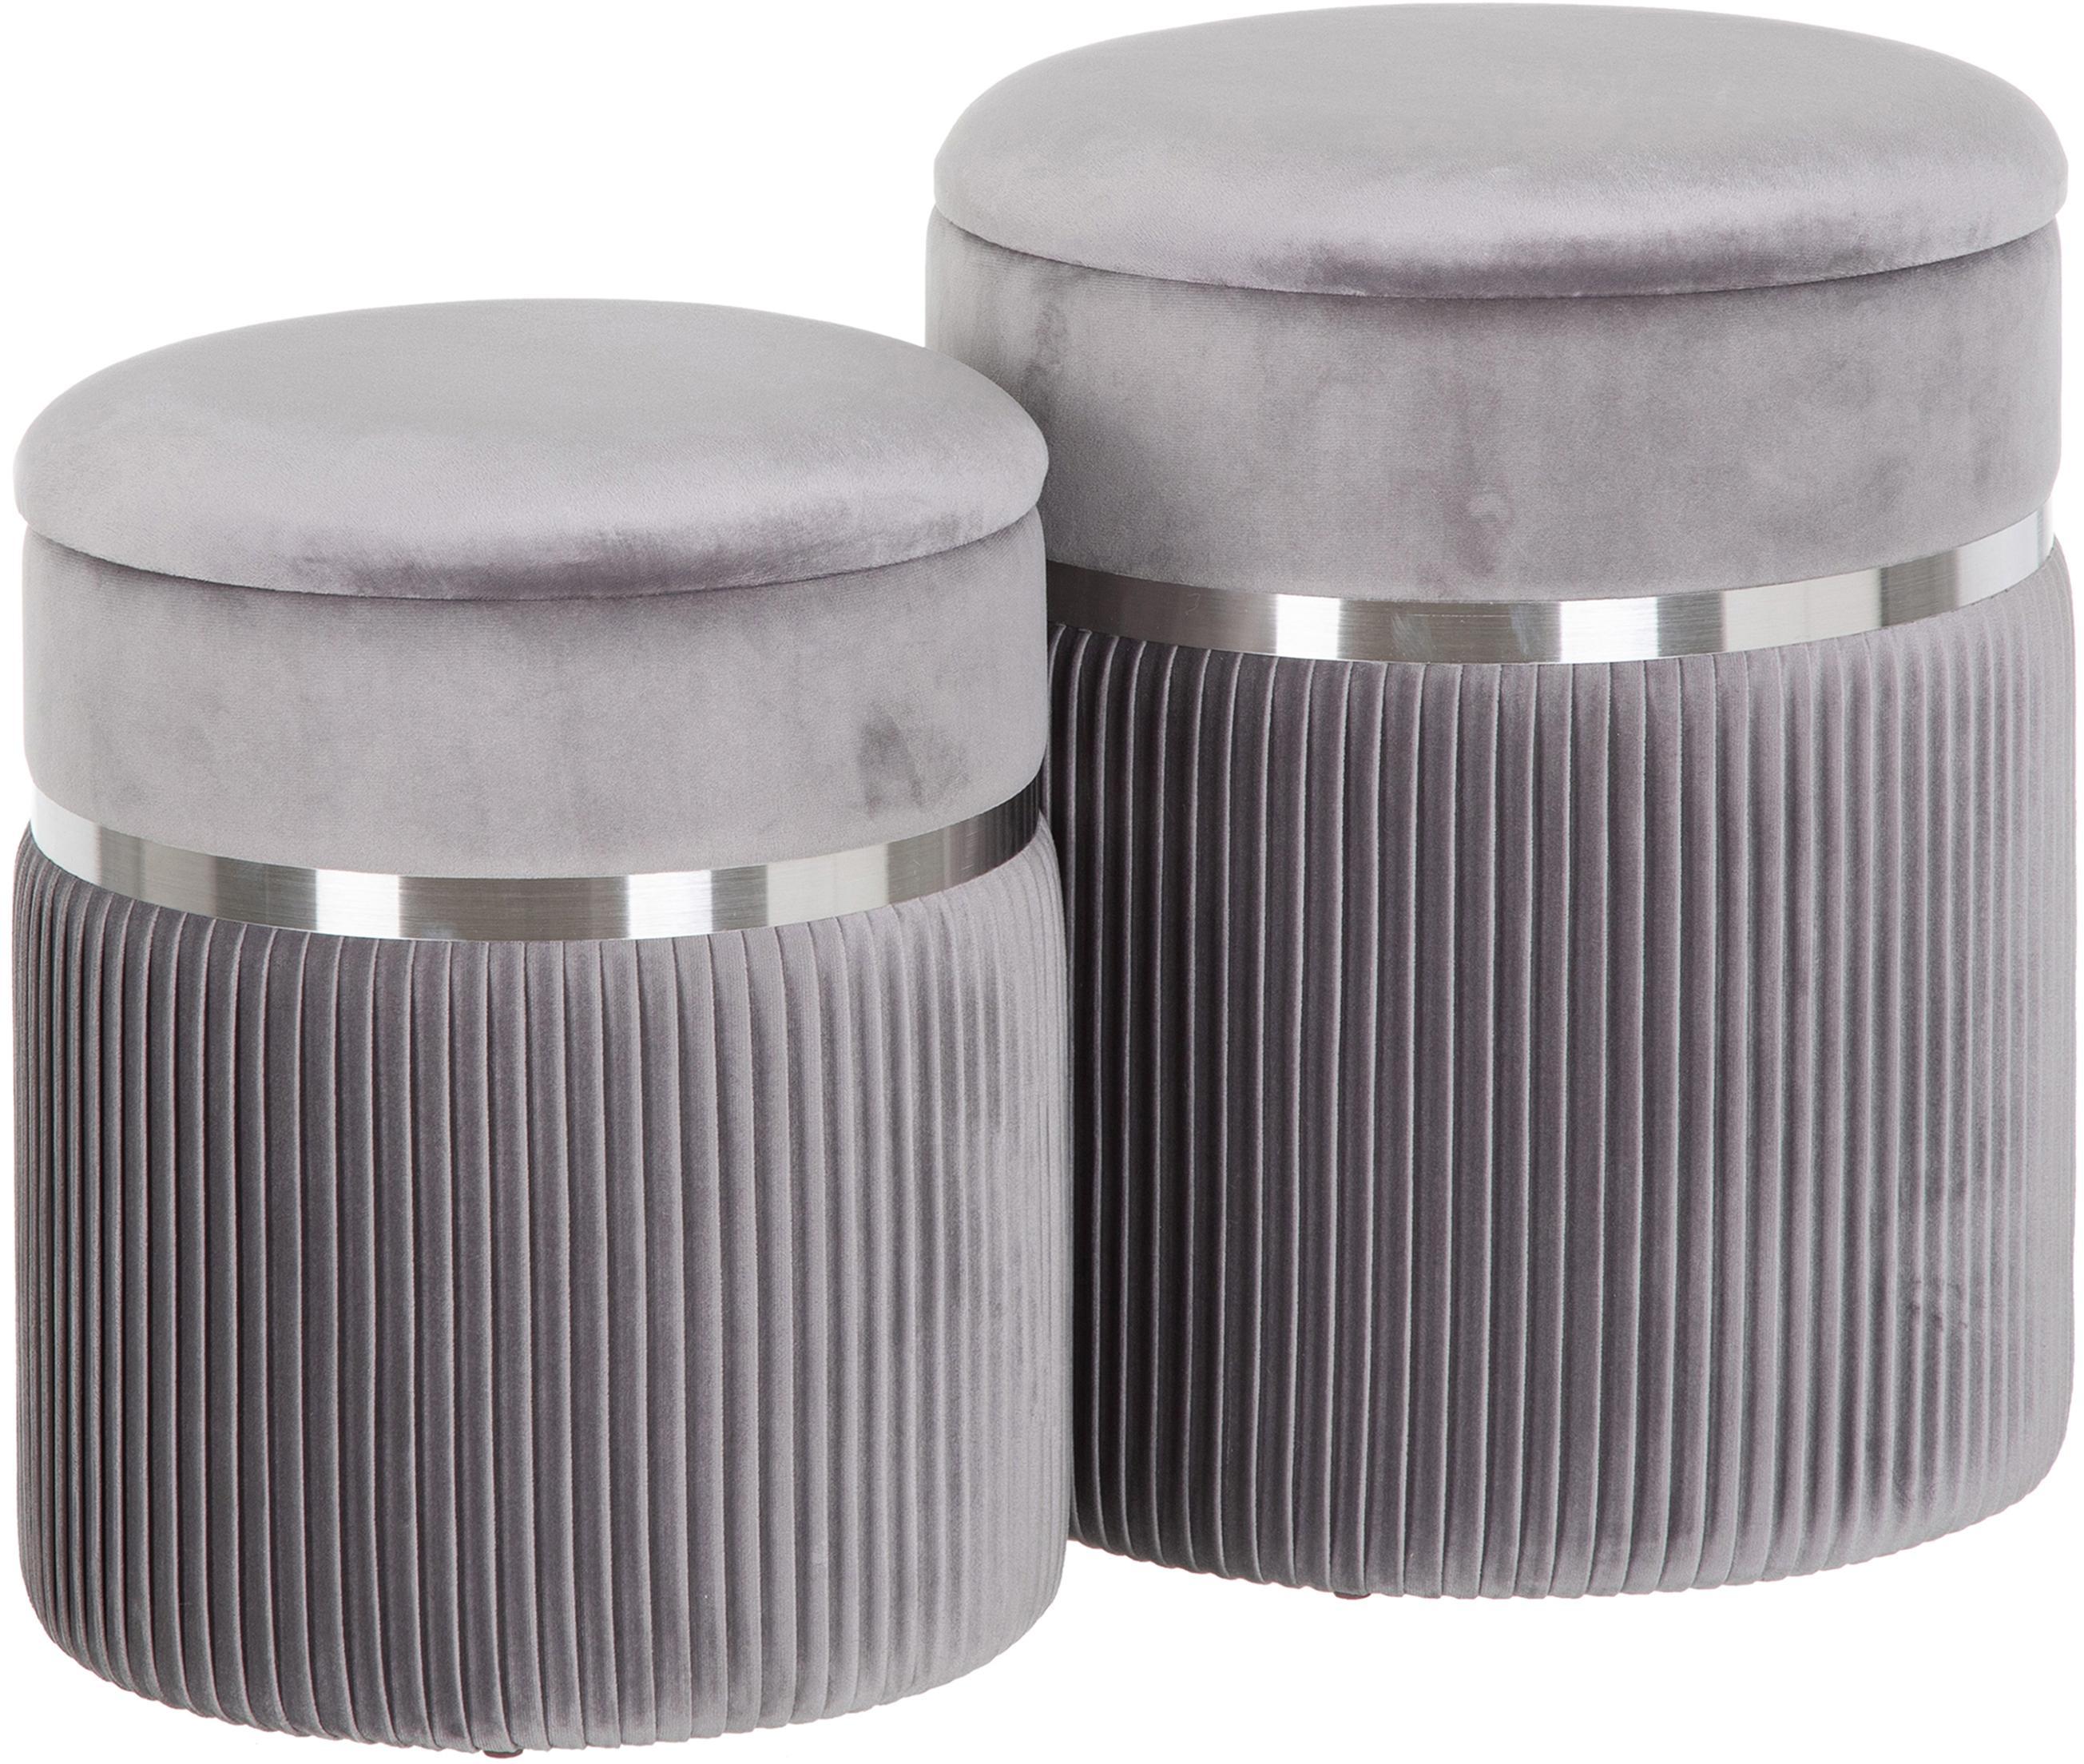 Komplet pufów z miejscem do przechowywania Chest, 2 elem., Tapicerka: poliester (aksamit), Szary, odcienie srebrnego, Komplet z różnymi rozmiarami